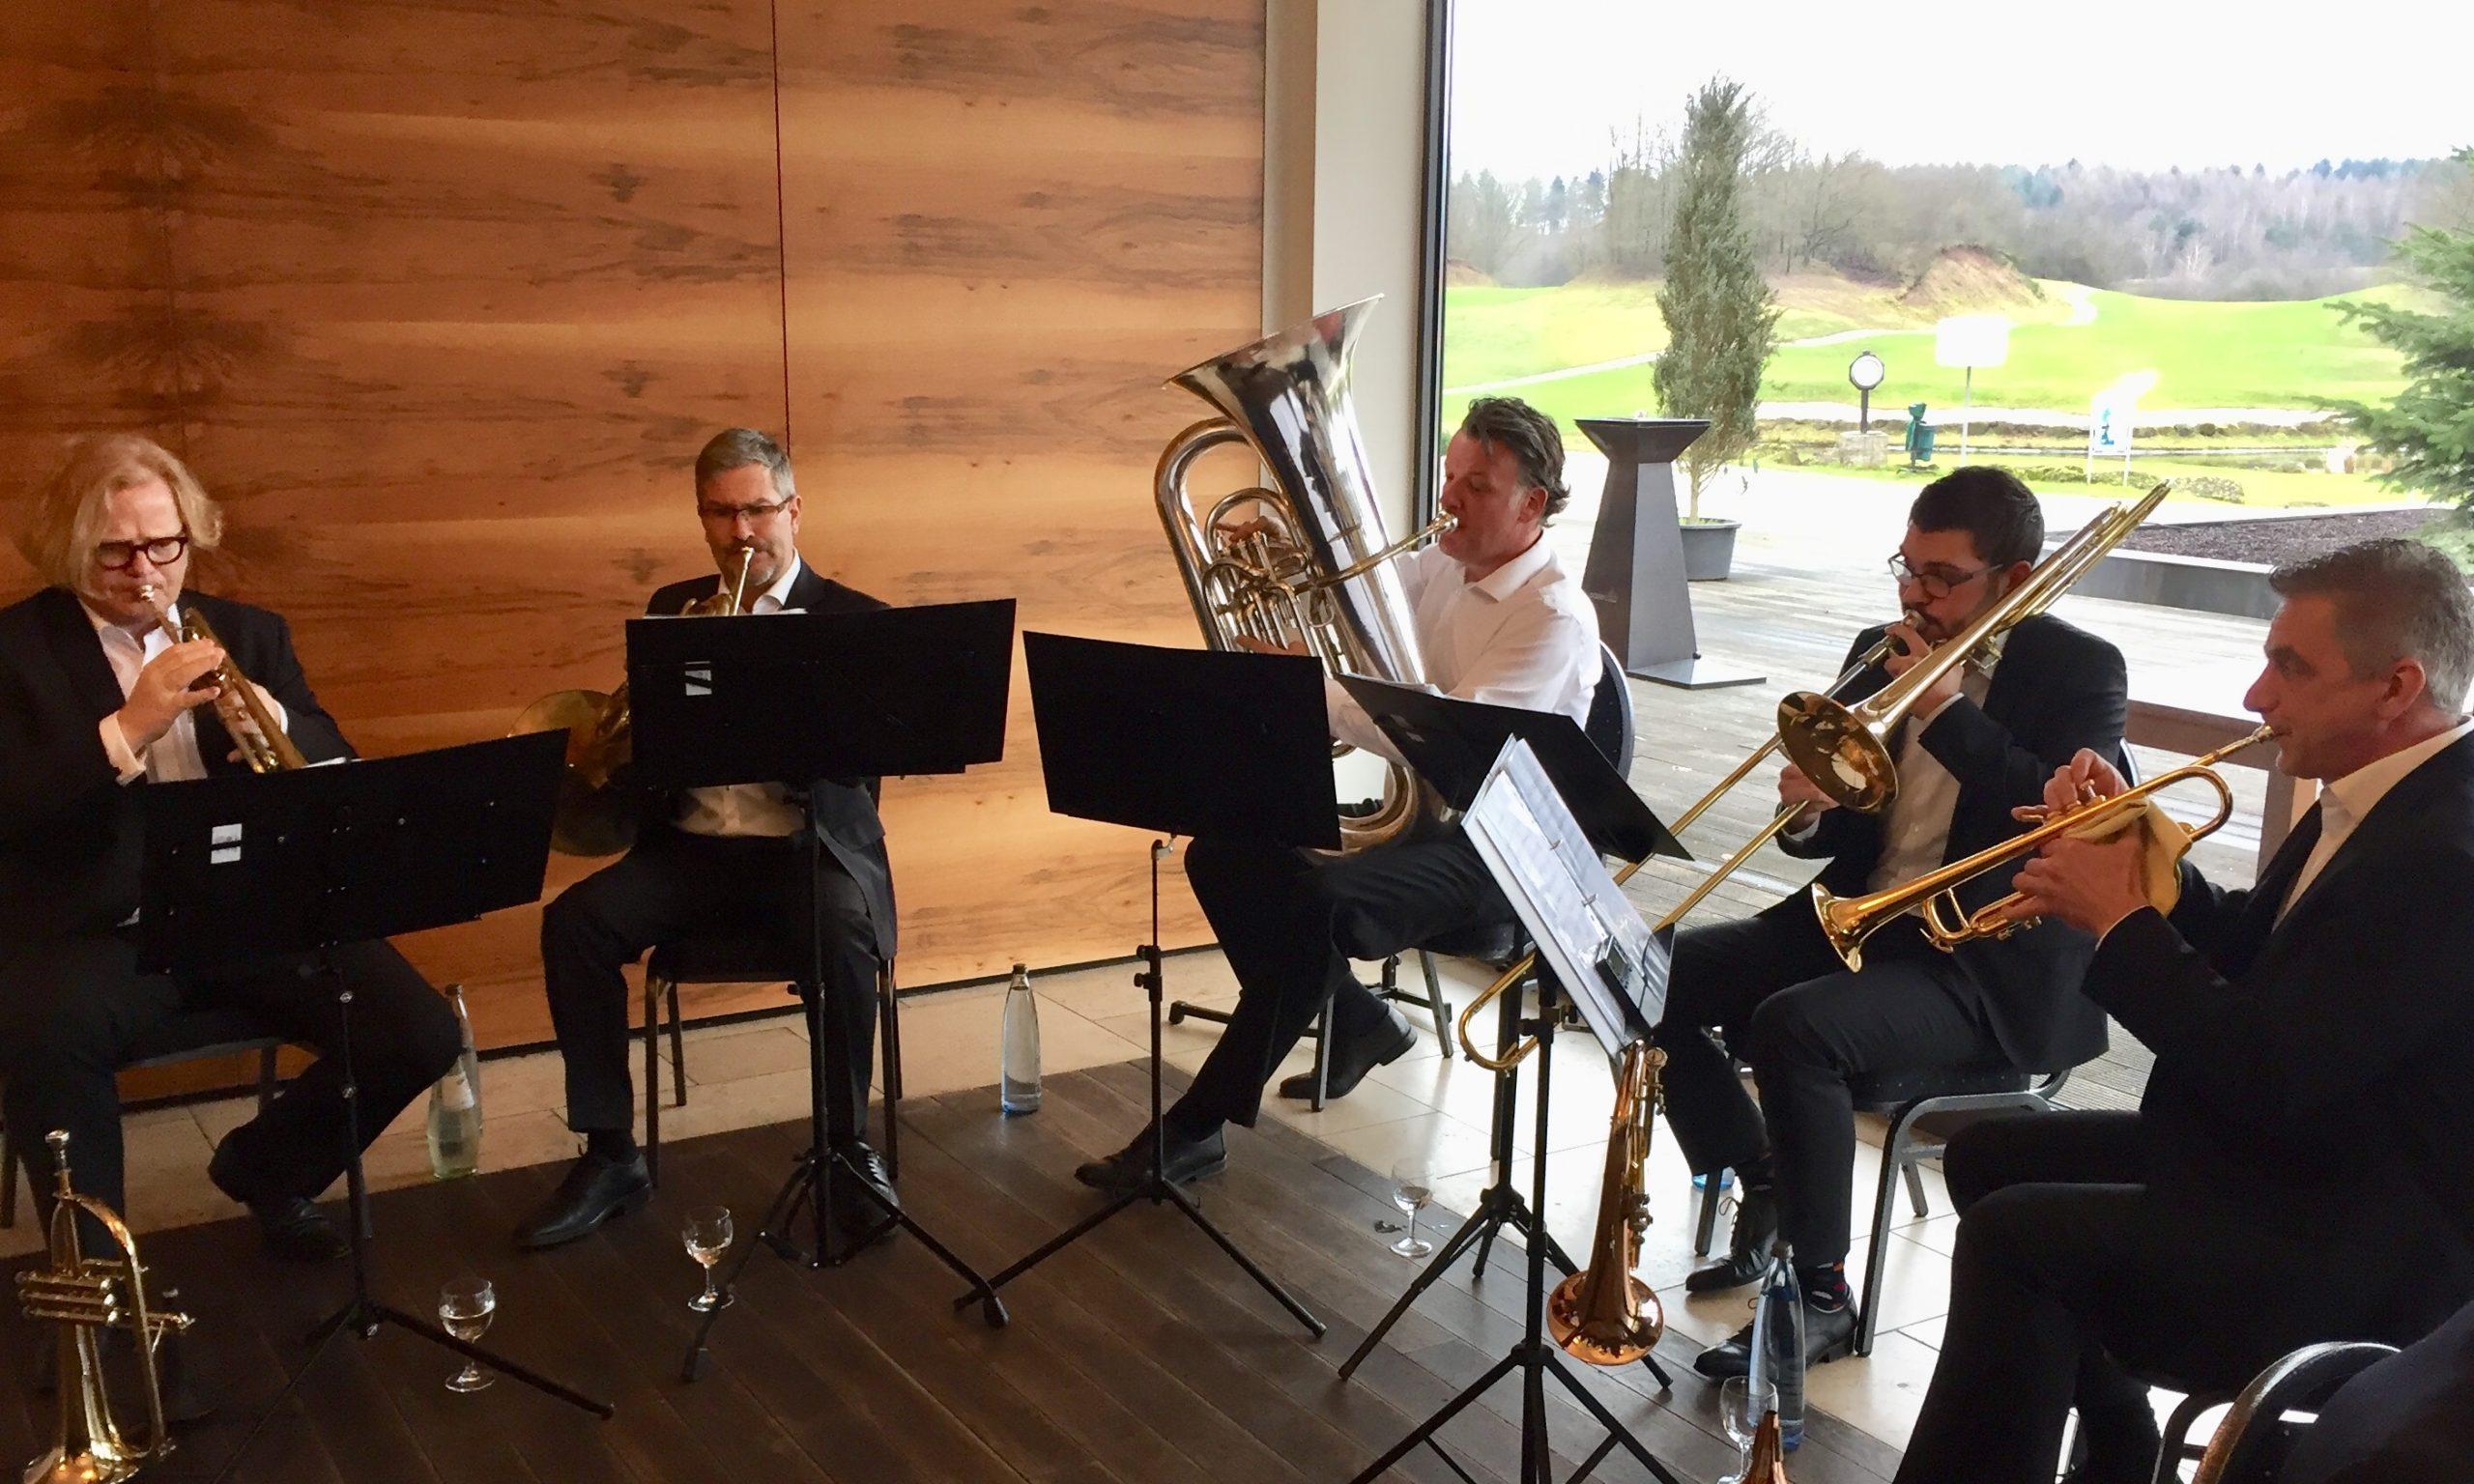 Fünf Rotary Brass Musiker beim Auftritt in St. Wendel